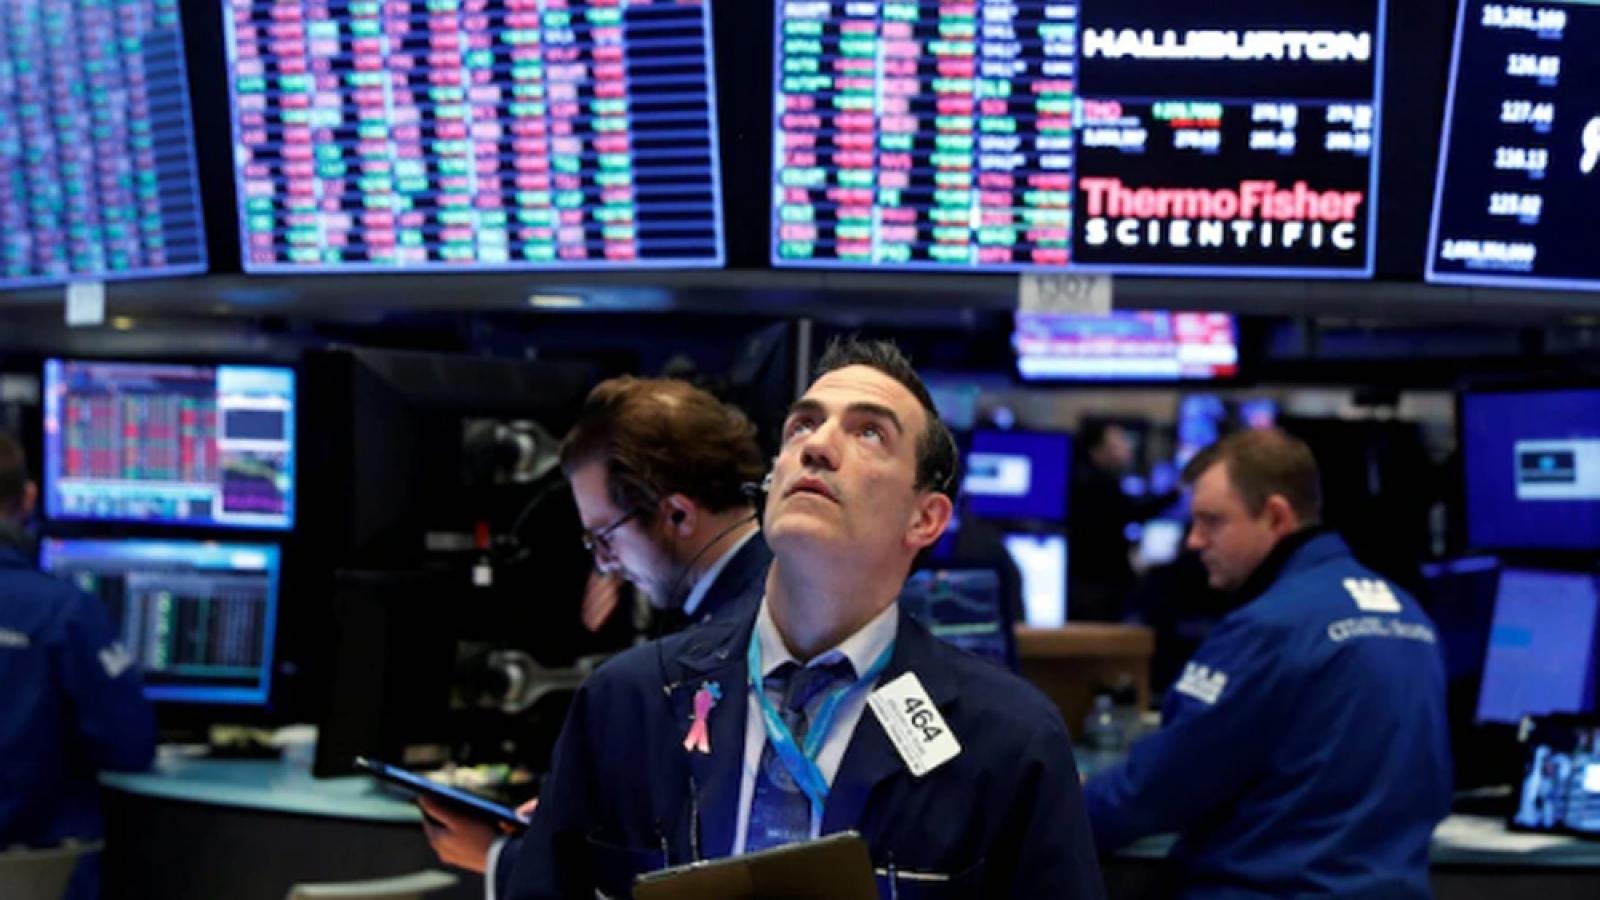 Chứng khoán Mỹ khởi sắc sau khi FED tuyên bố duy trì lãi suất thấp